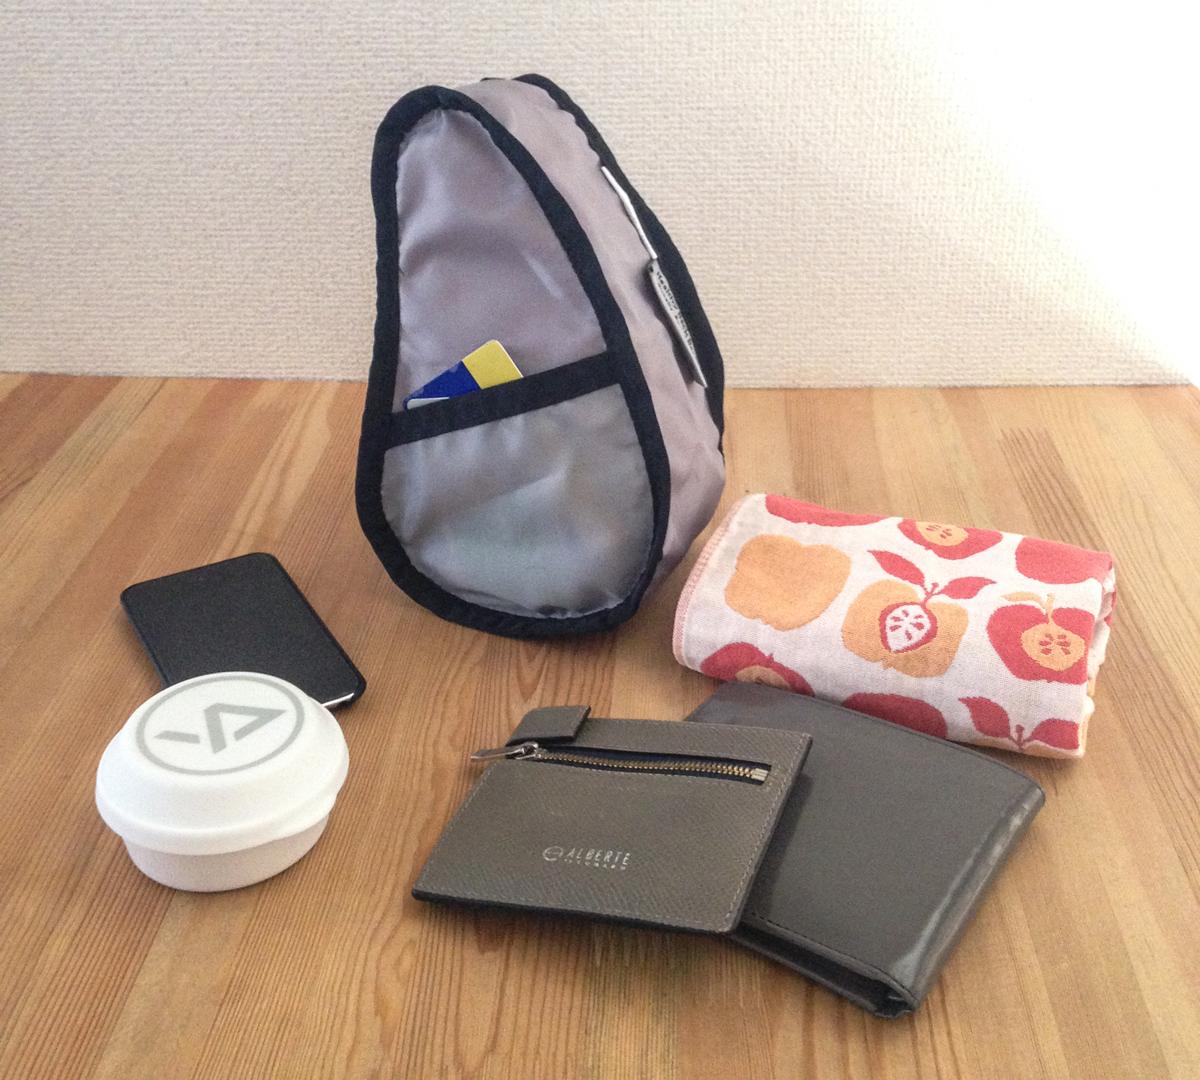 人間工学による体の丸みにフィットする「しずく型」のデザインのバッグレット|Healthy Back Bag